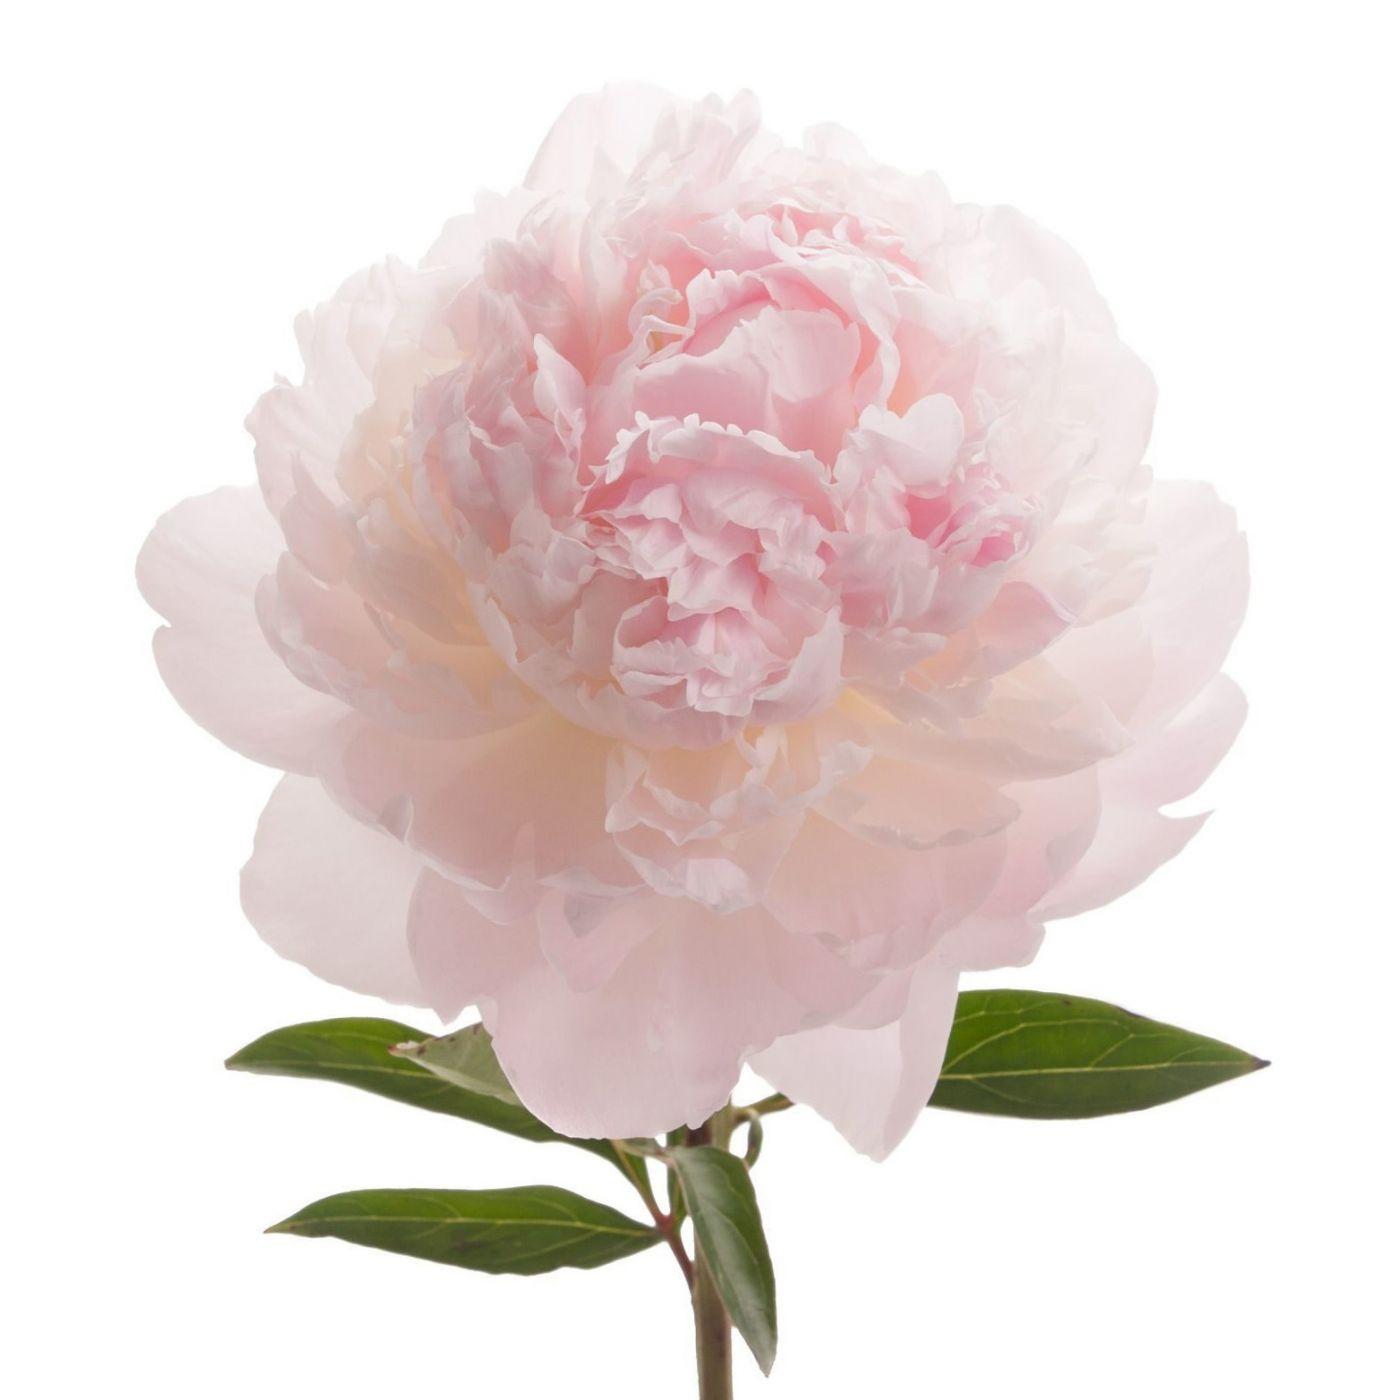 Розовый пион 80 см высотой поштучно